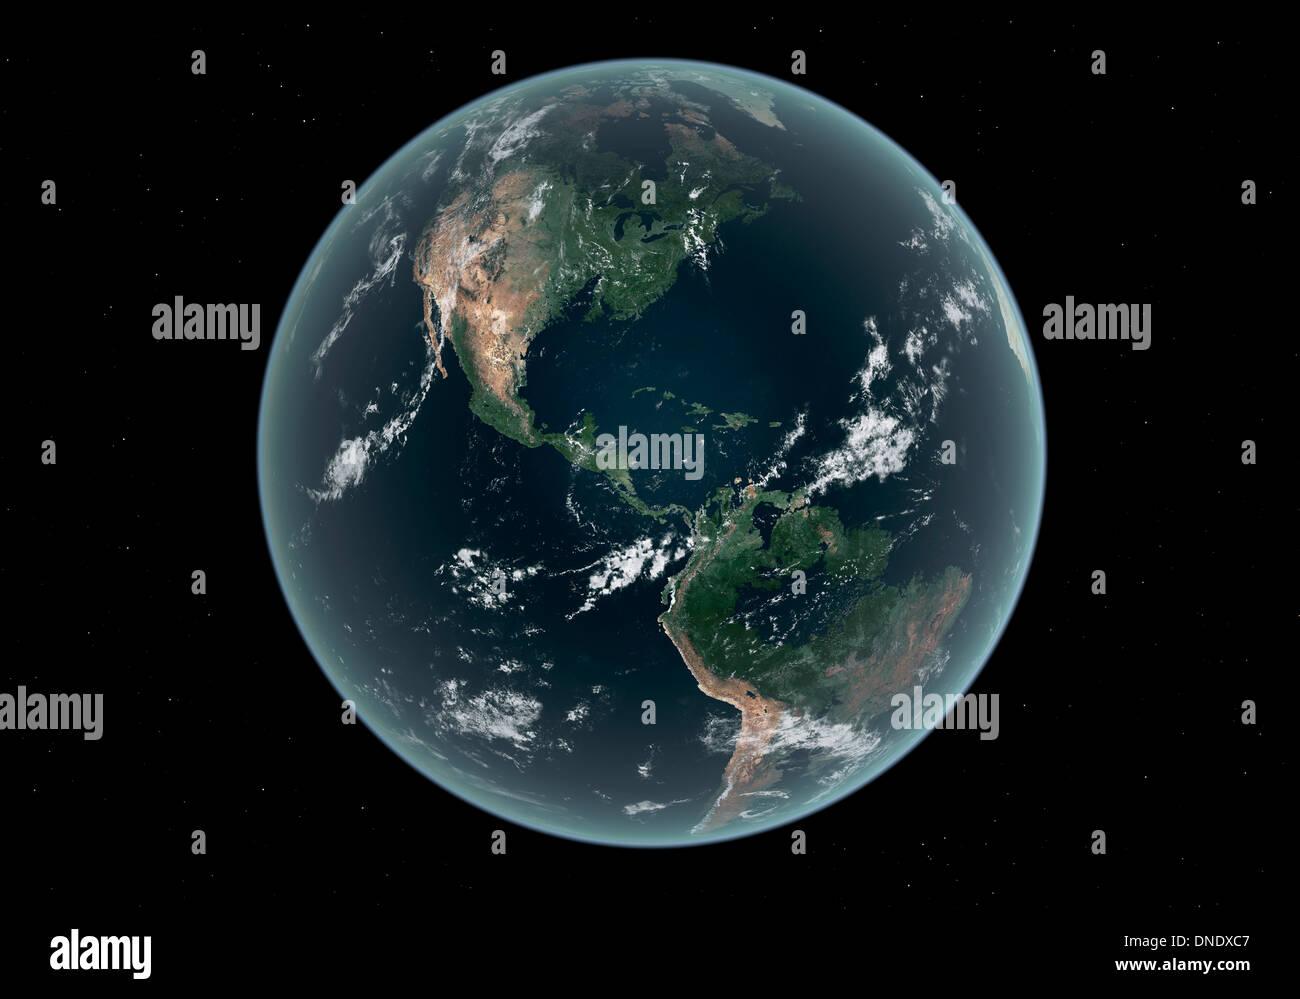 Messa a terra dell emisfero occidentale con aumento del livello del mare di 330 piedi sopra la media. Immagini Stock